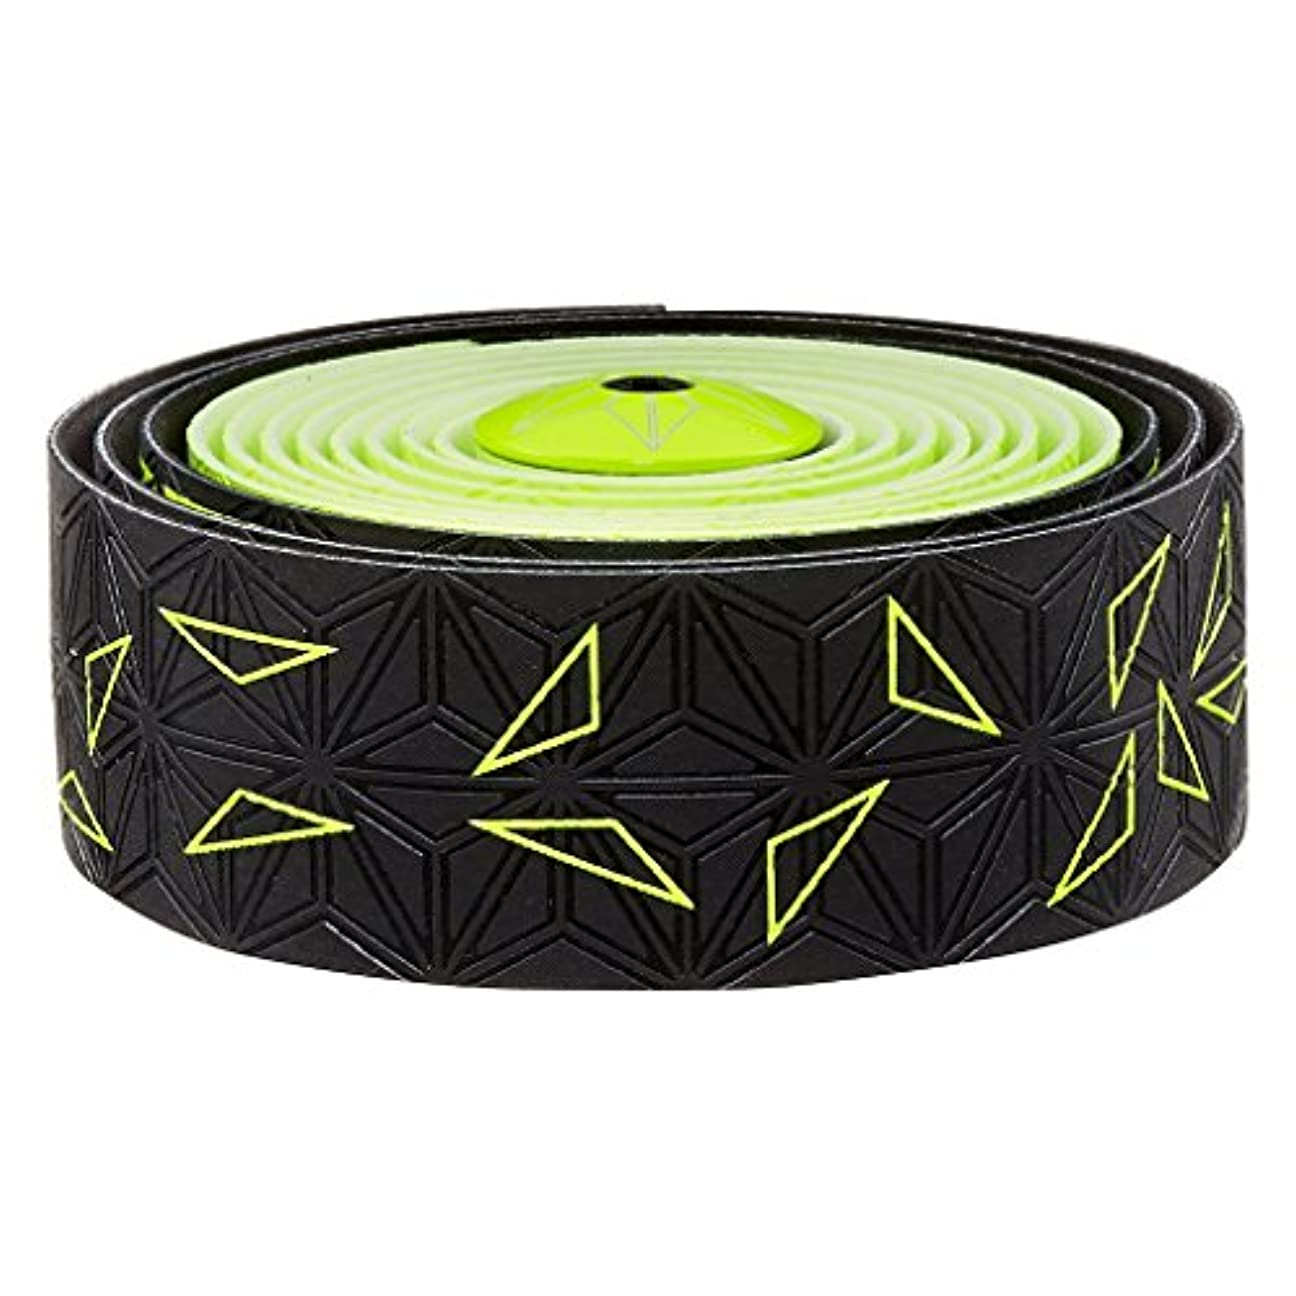 シャー定刻実業家スパカズ ネオンイエロー スーパースティッキークッシュテープ スターフェイド バーテープ Set